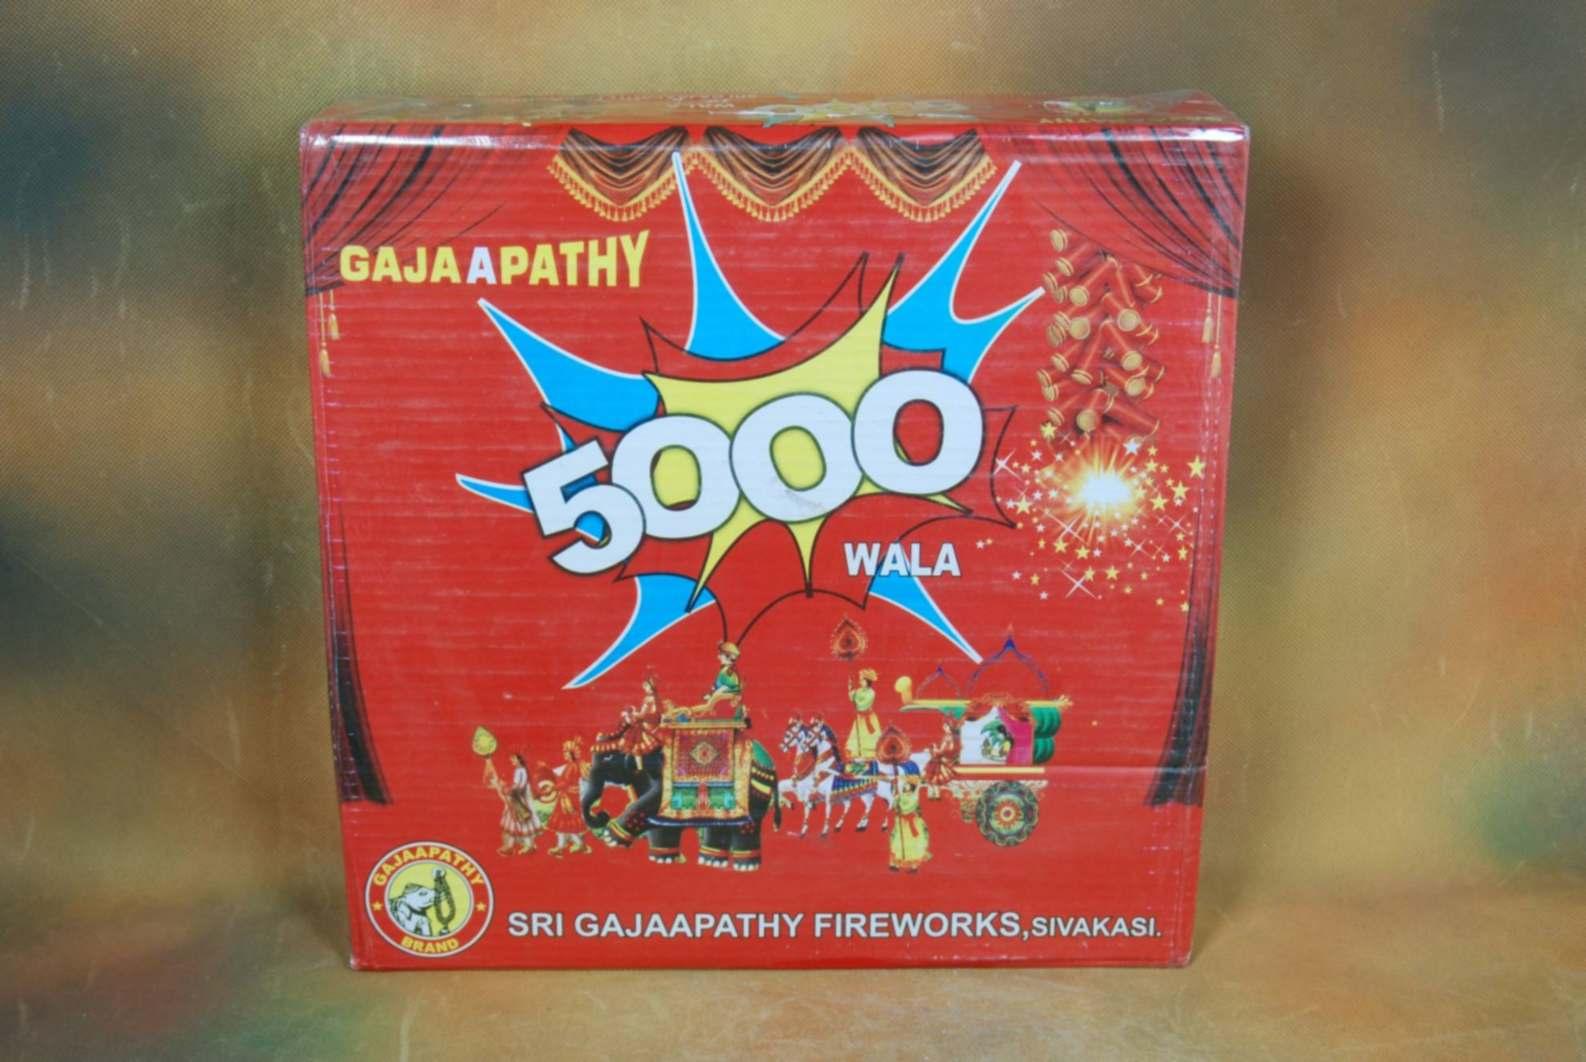 Garland 5000 Wala Gajapathy 1 Box